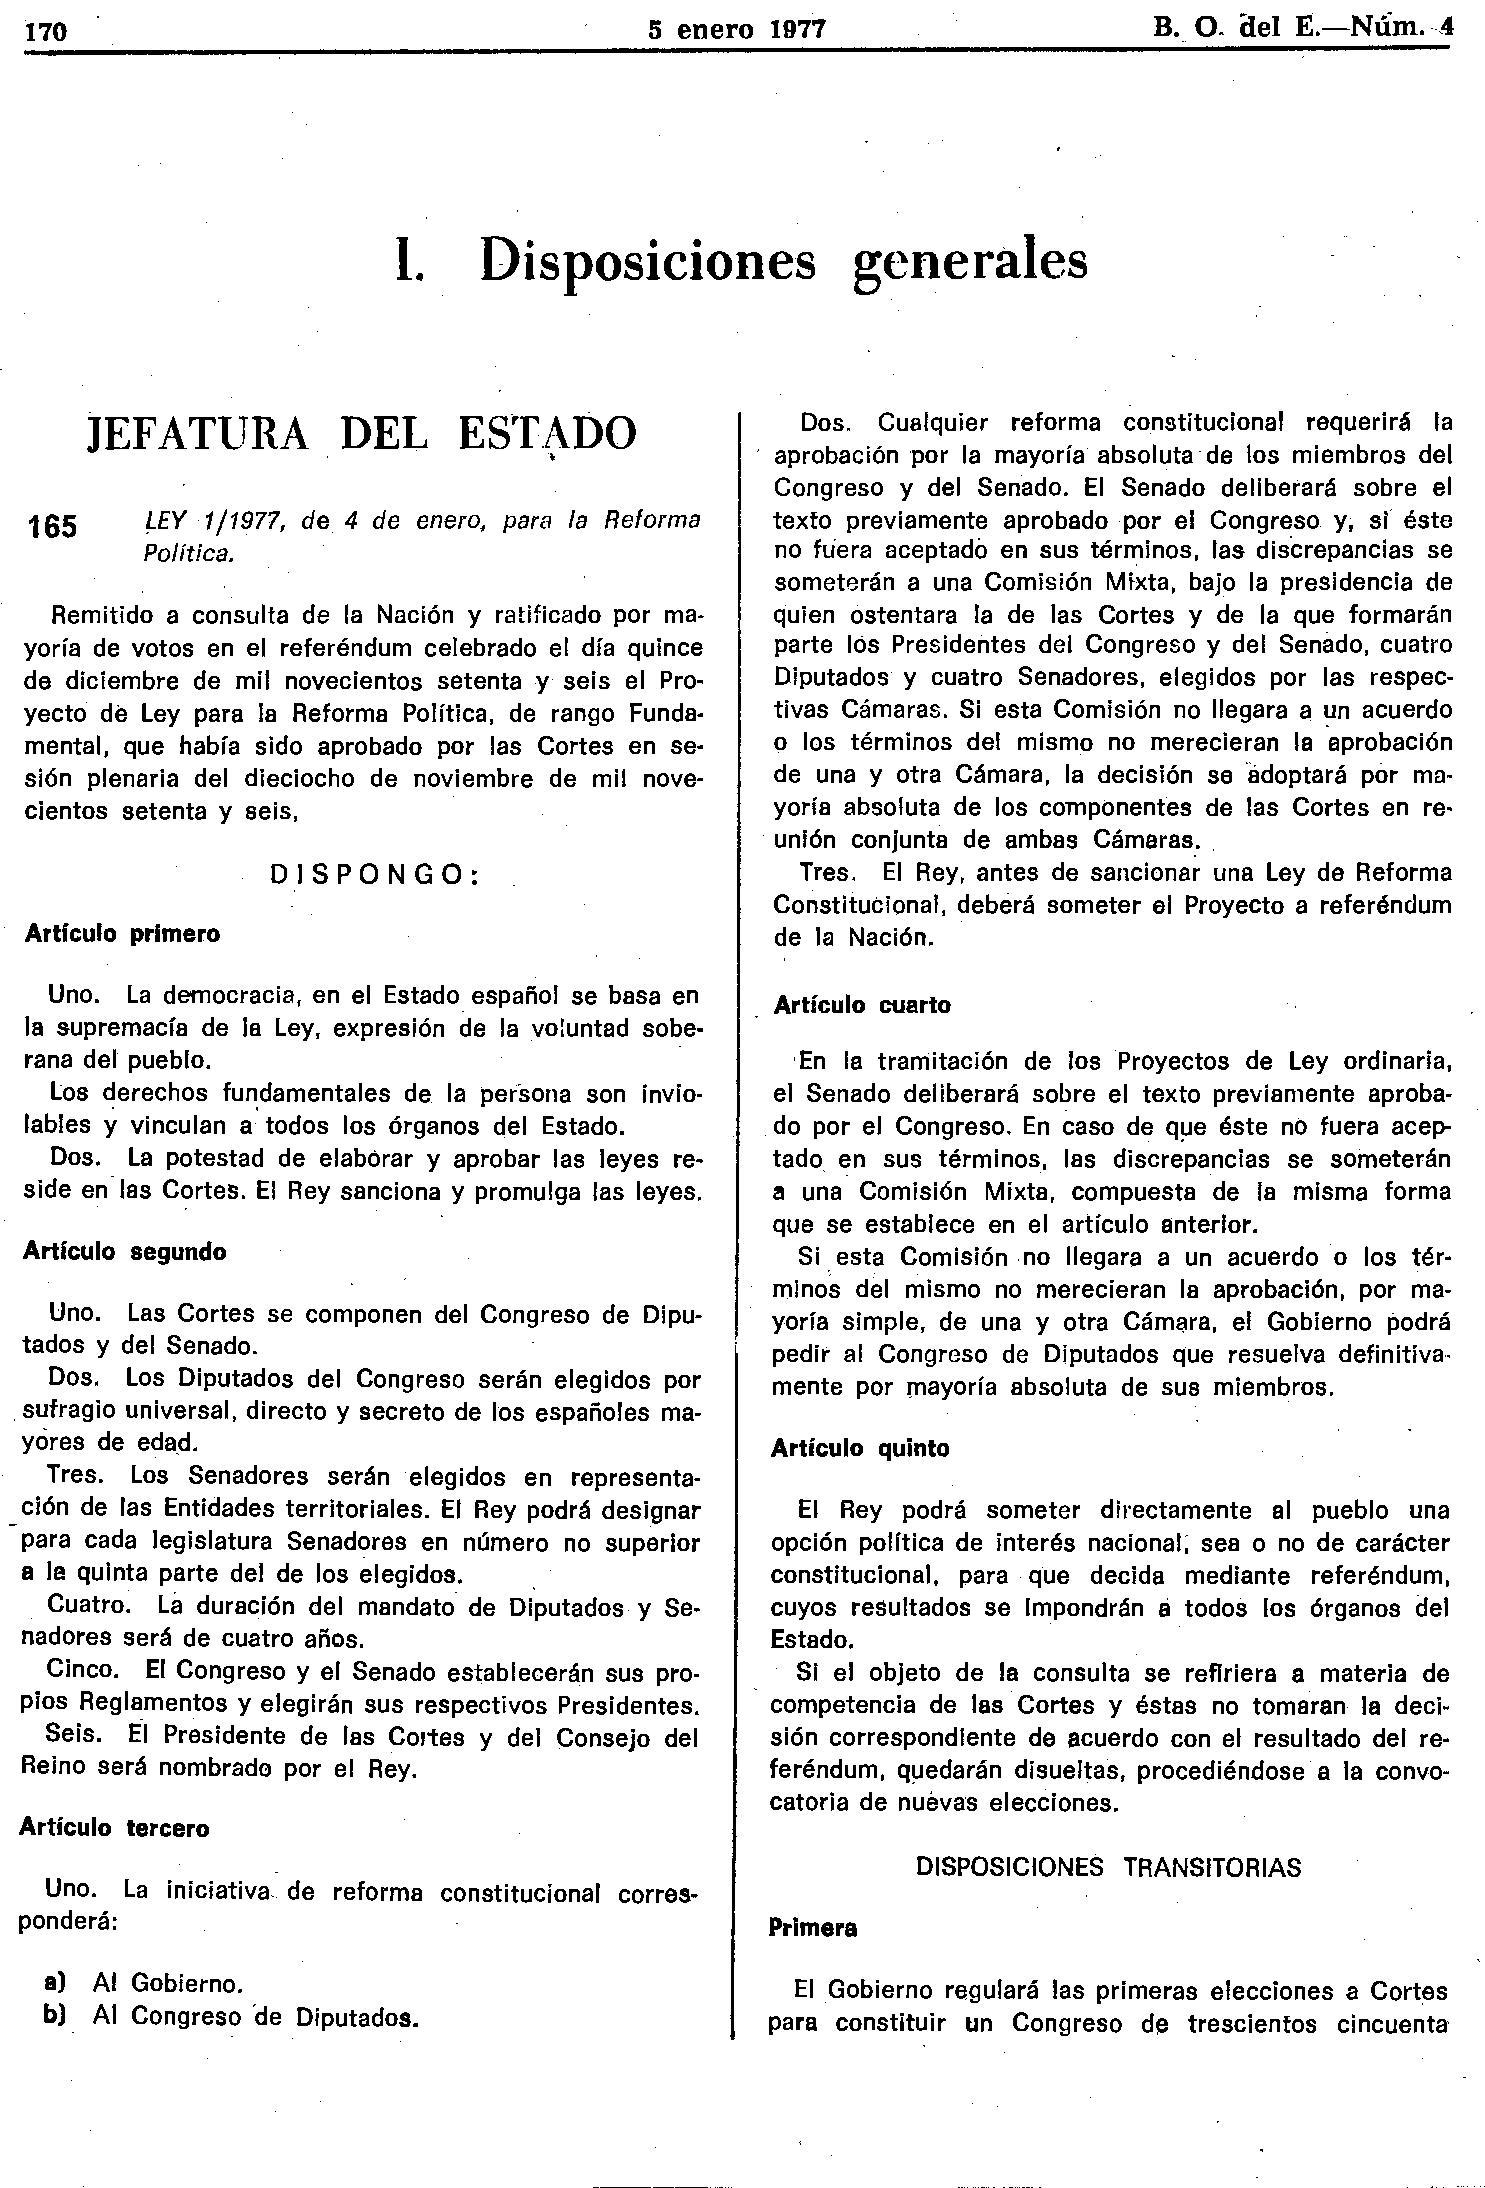 File:Ley para la Reforma politica BOE.jpg - Wikimedia Commons